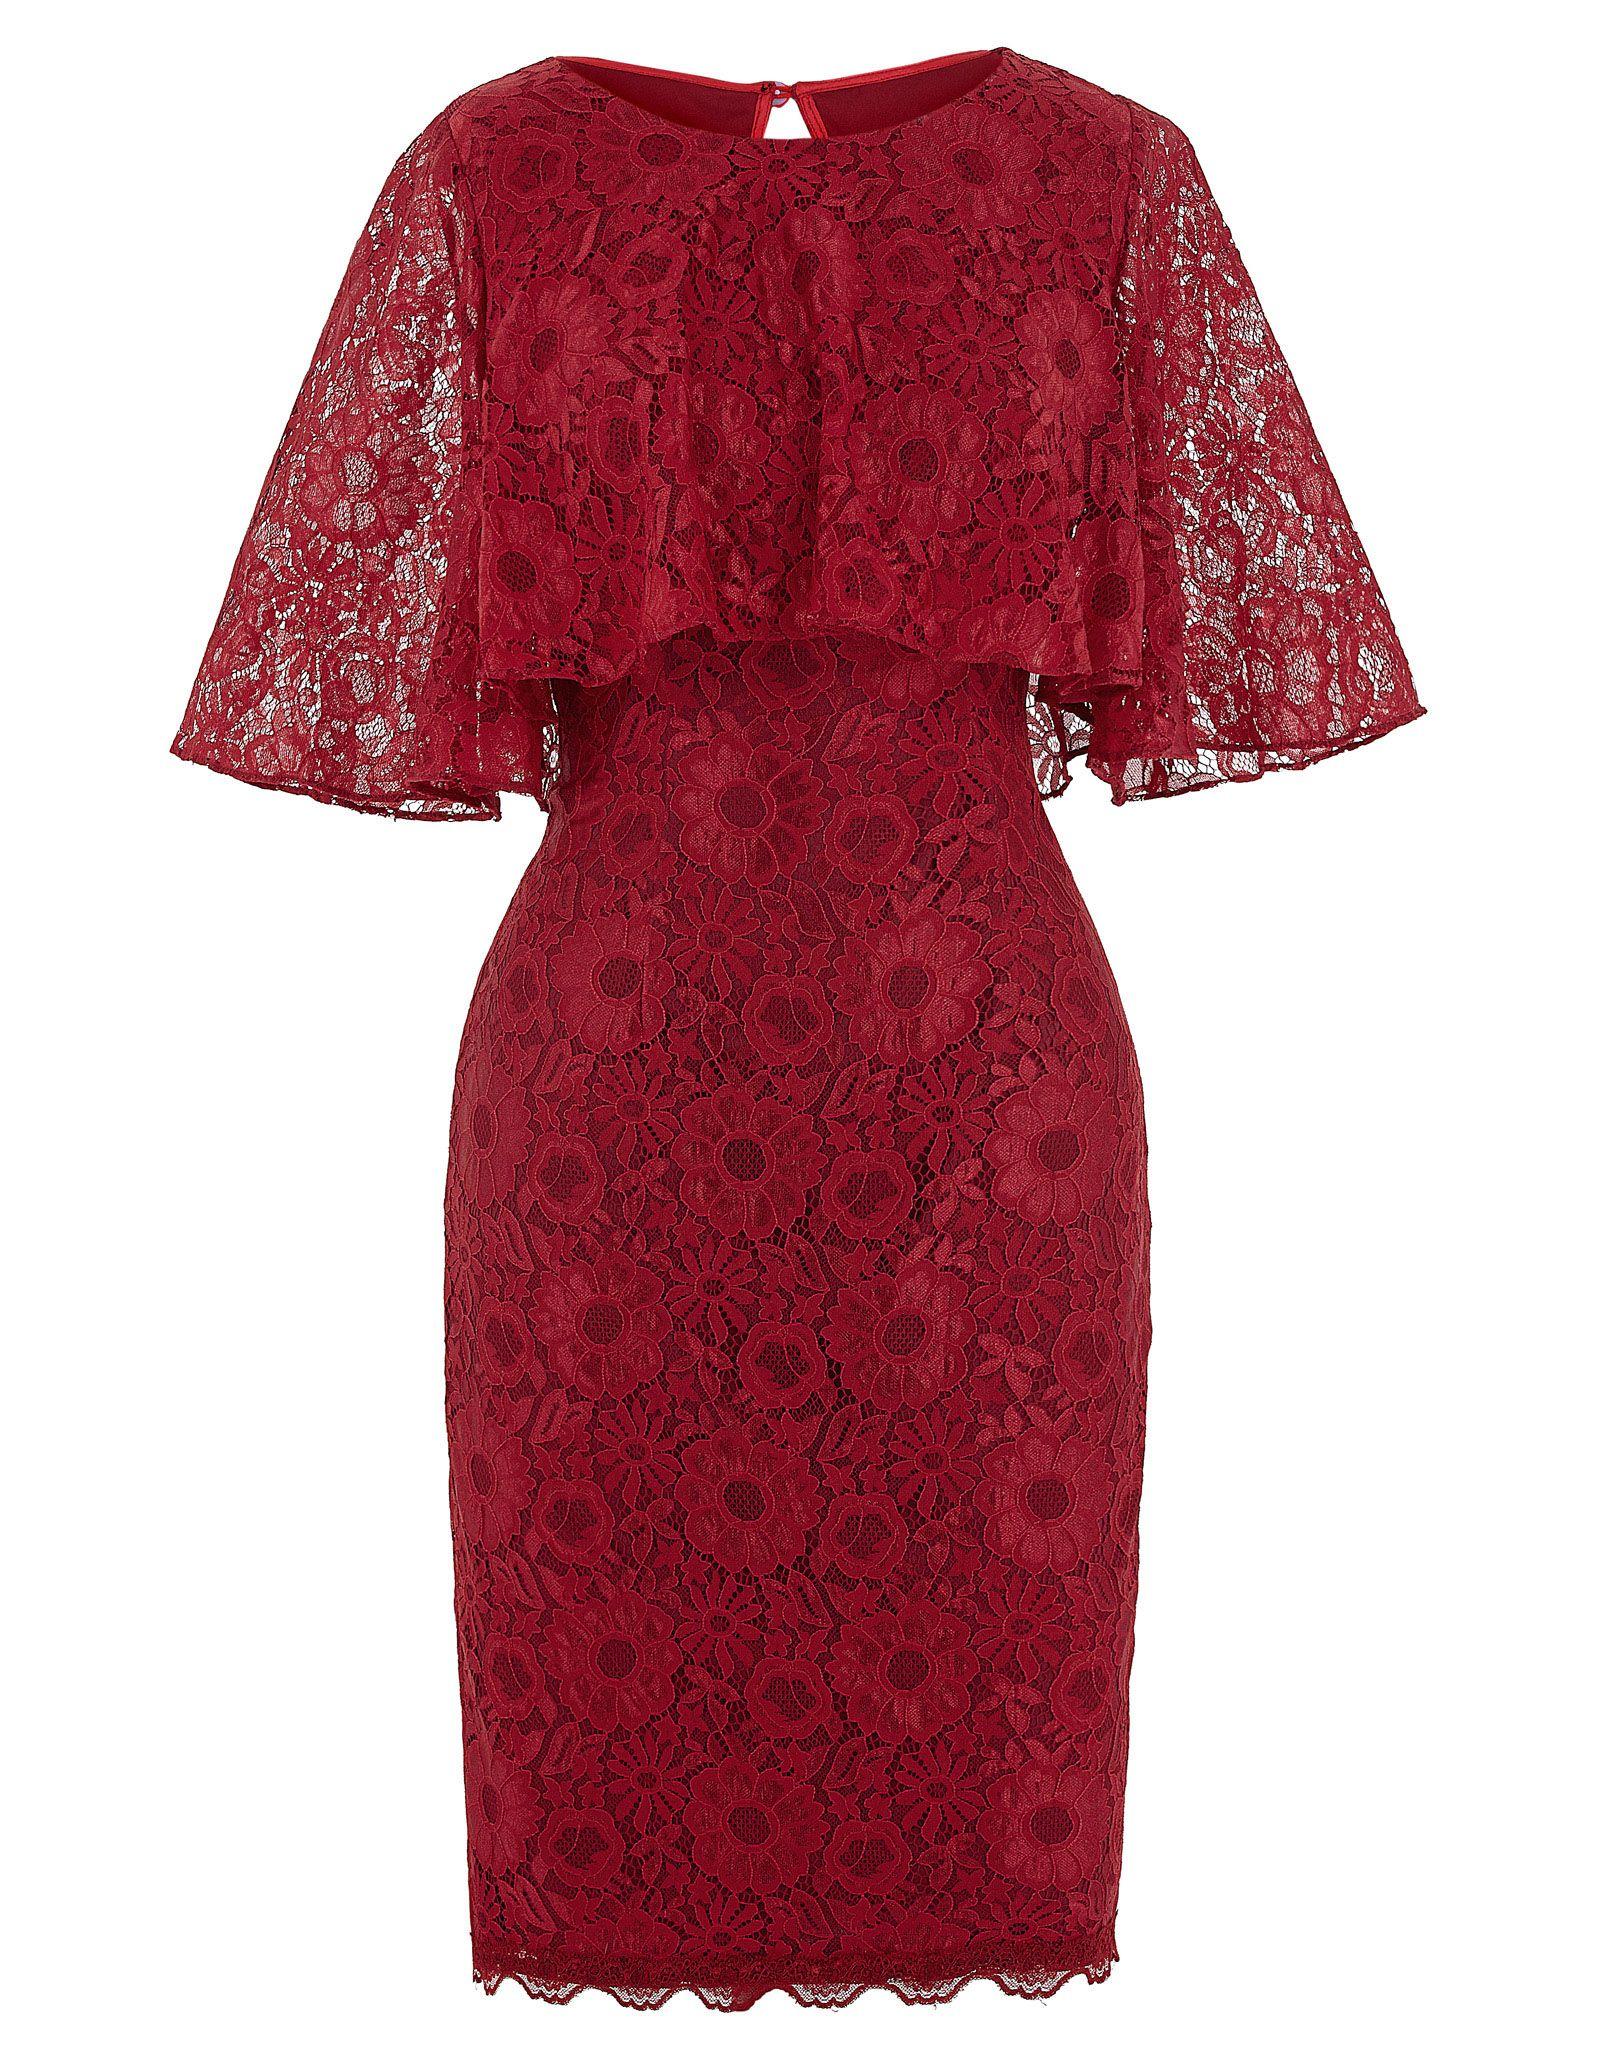 Kate kasin frauen sommer dress burgund formal kleider für besondere ...